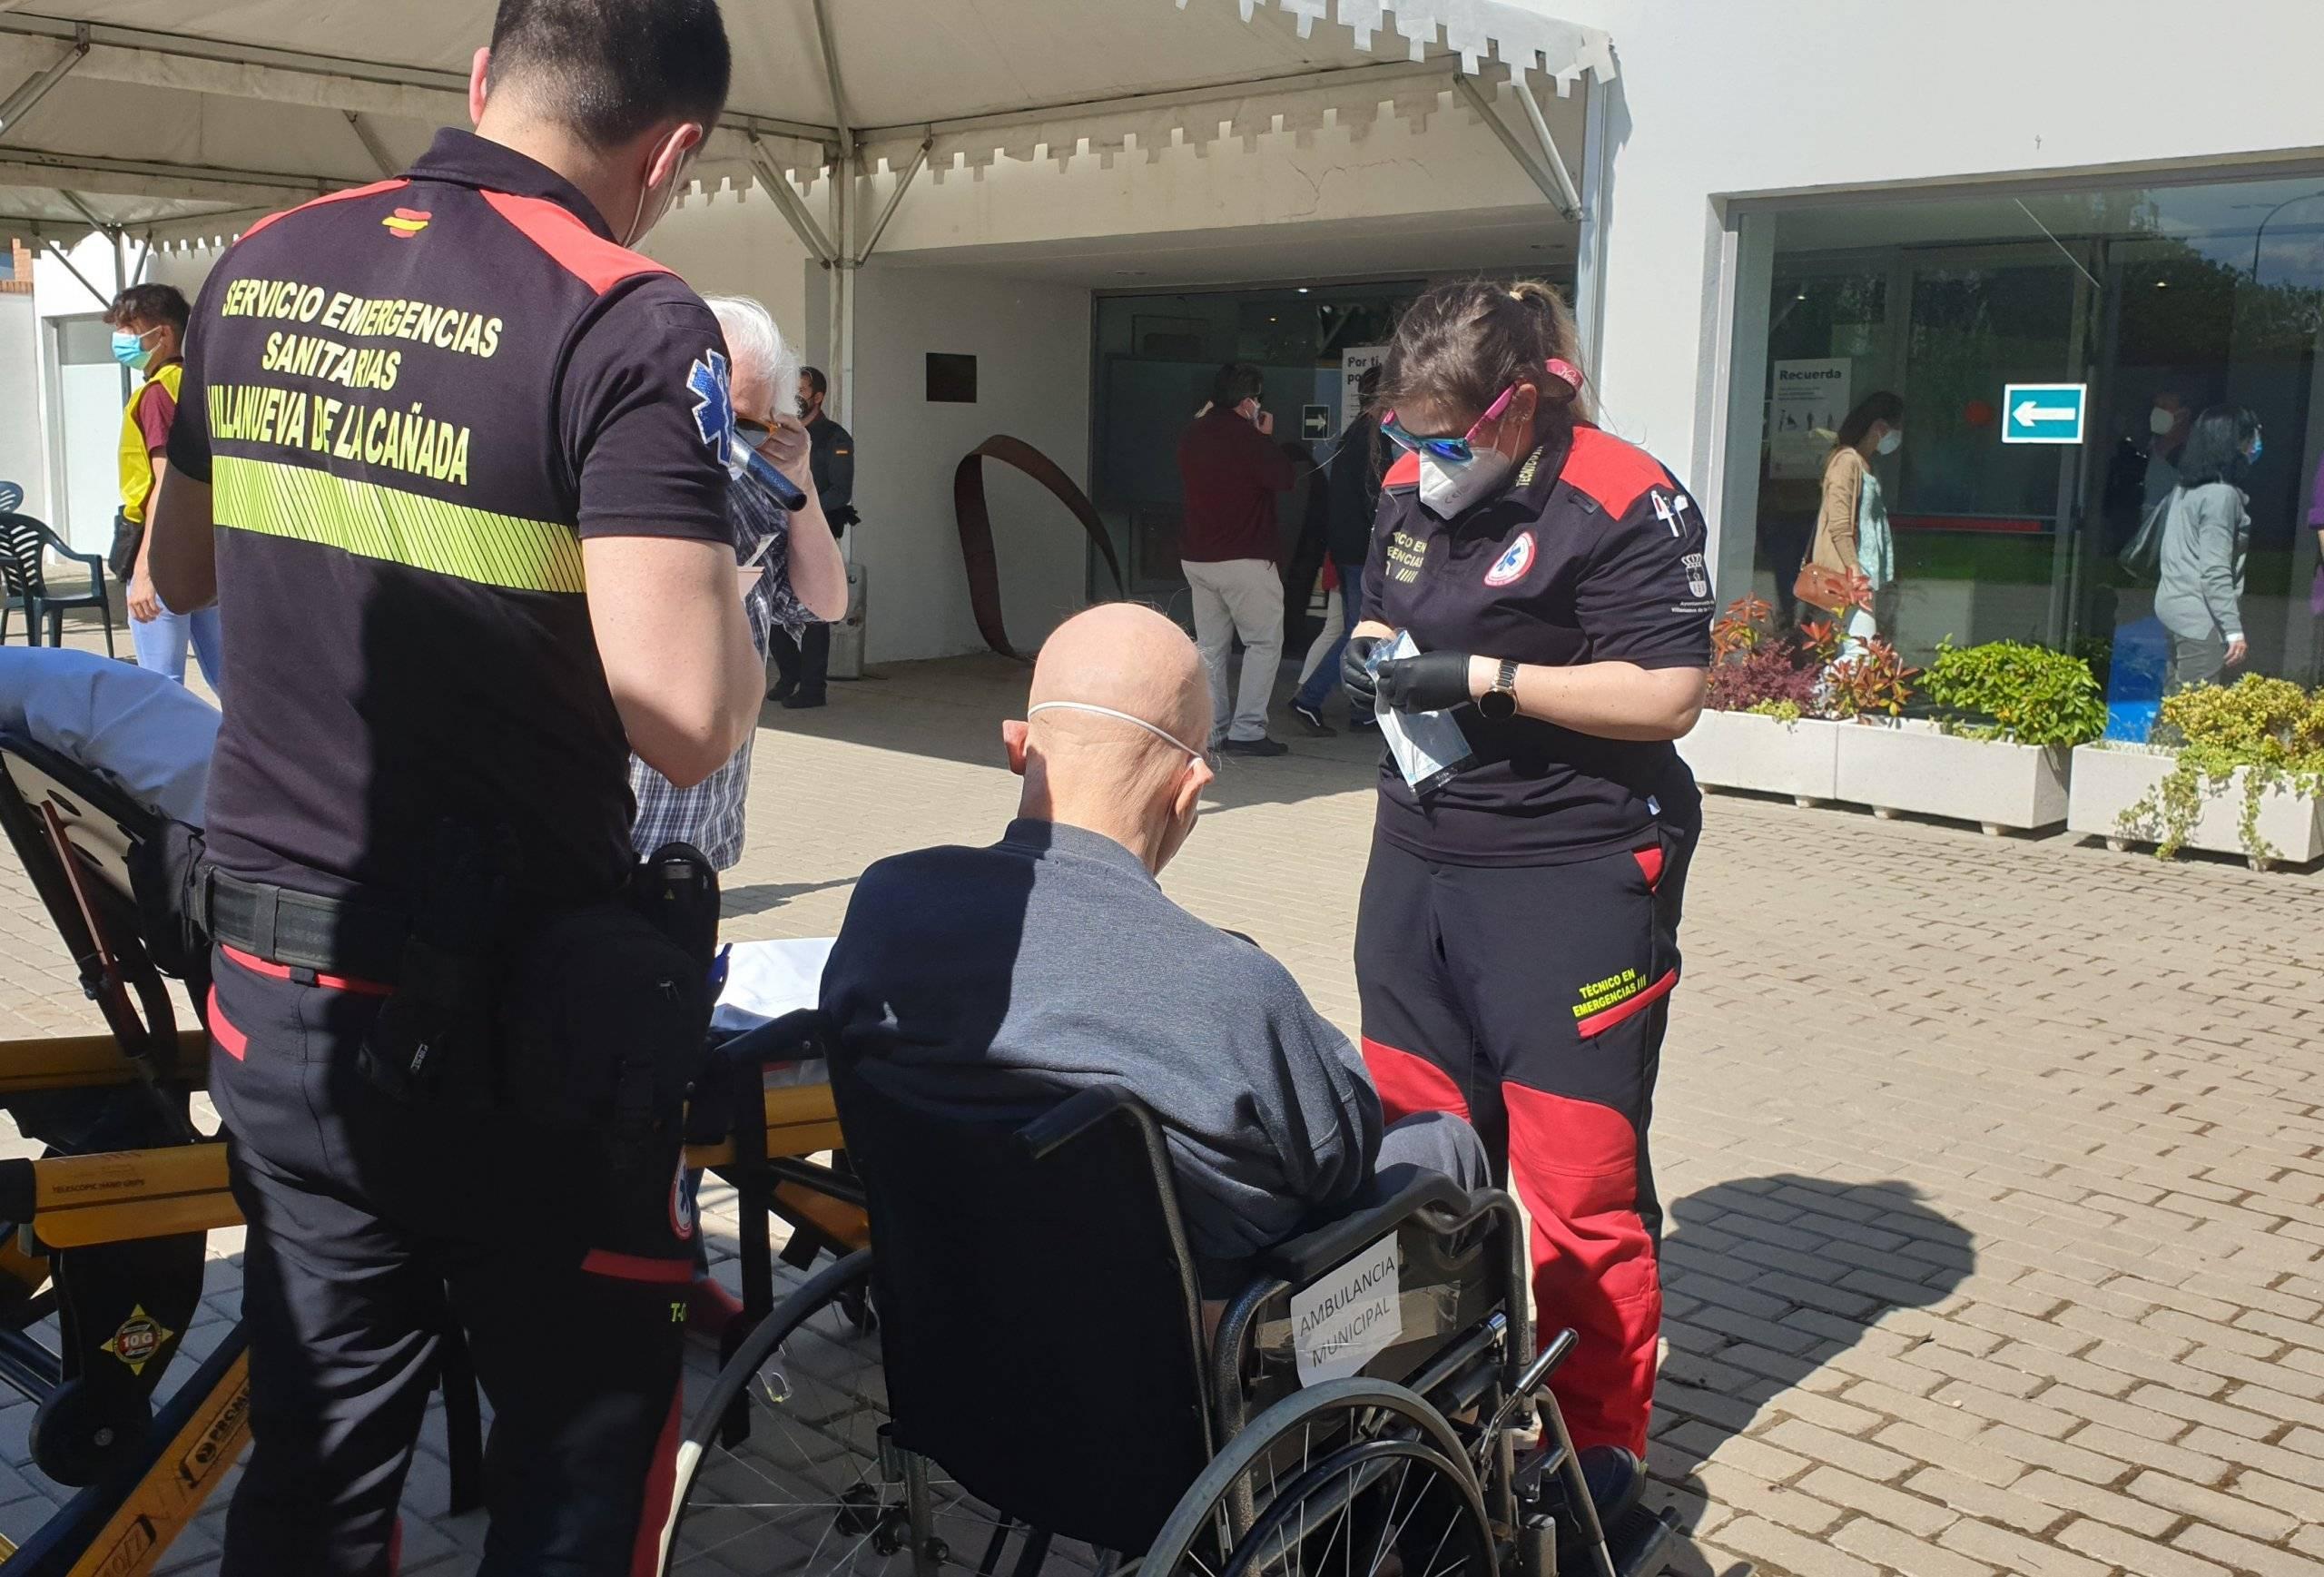 Técnicos del Servicio Municipal de Emergencias Sanitarias trasladan en silla de ruedas a una persona con movilidad reducida al colegio electoral.